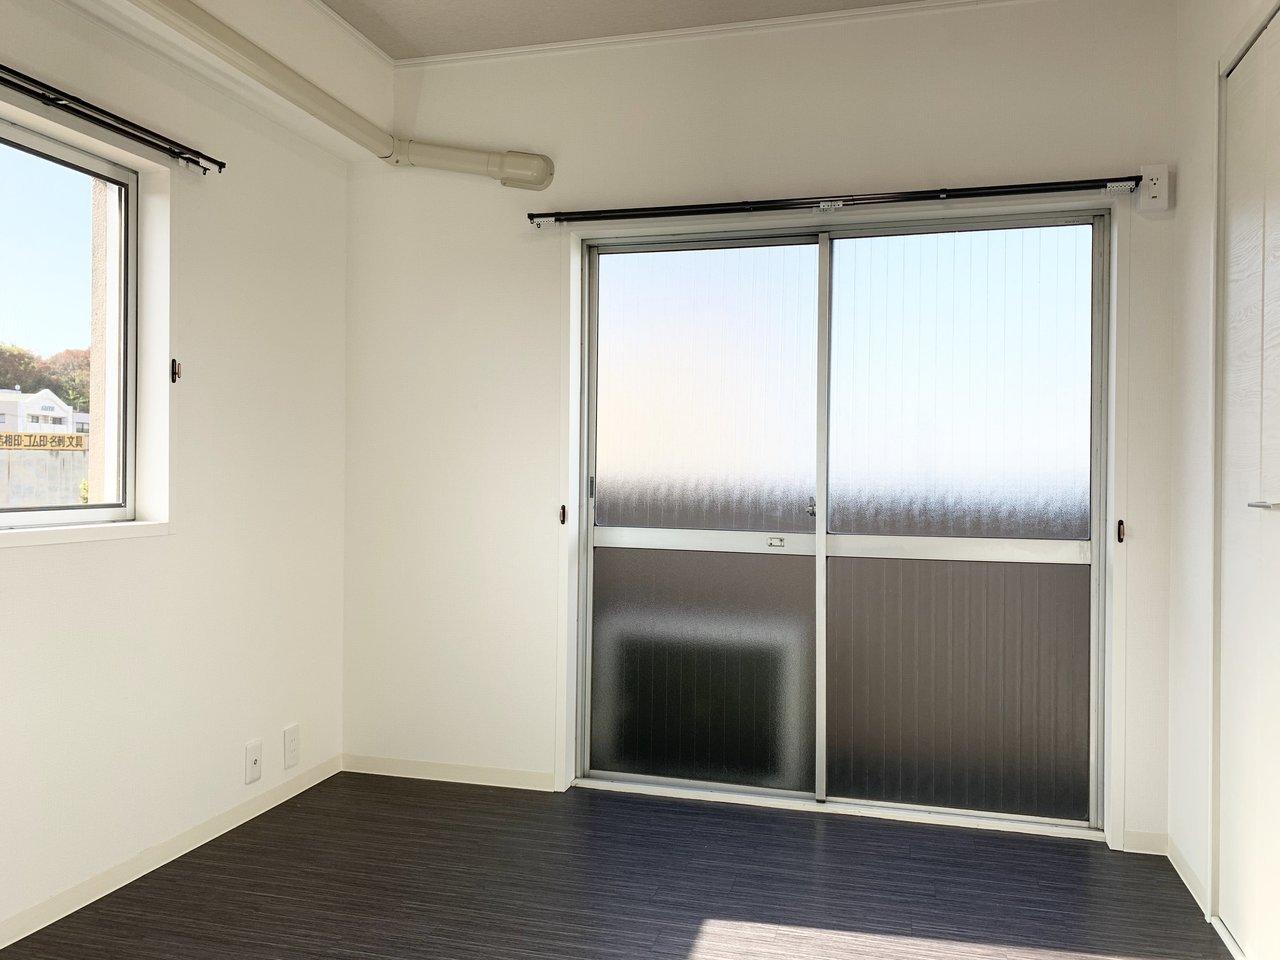 寝室側は2面採光。こちらのお部屋にはコンパクトですがベランダがついていますよ。